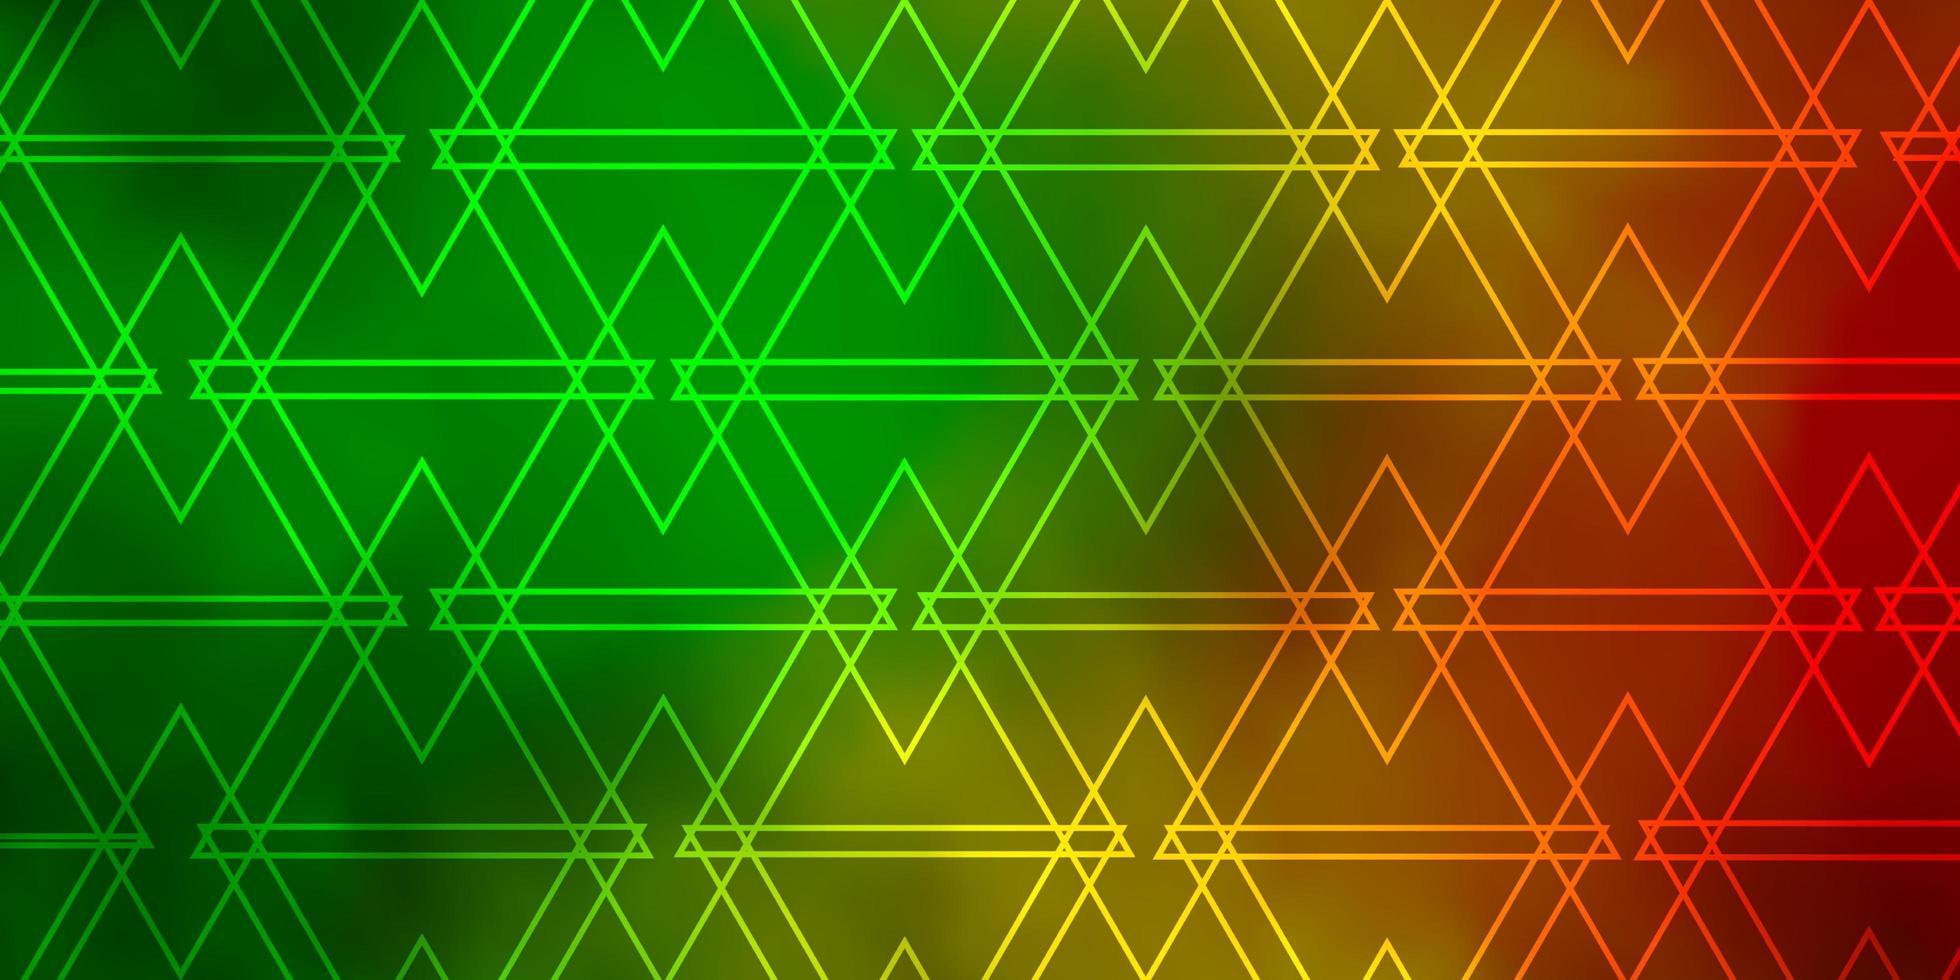 dunkelgrünes, gelbes Muster mit polygonalem Stil. vektor